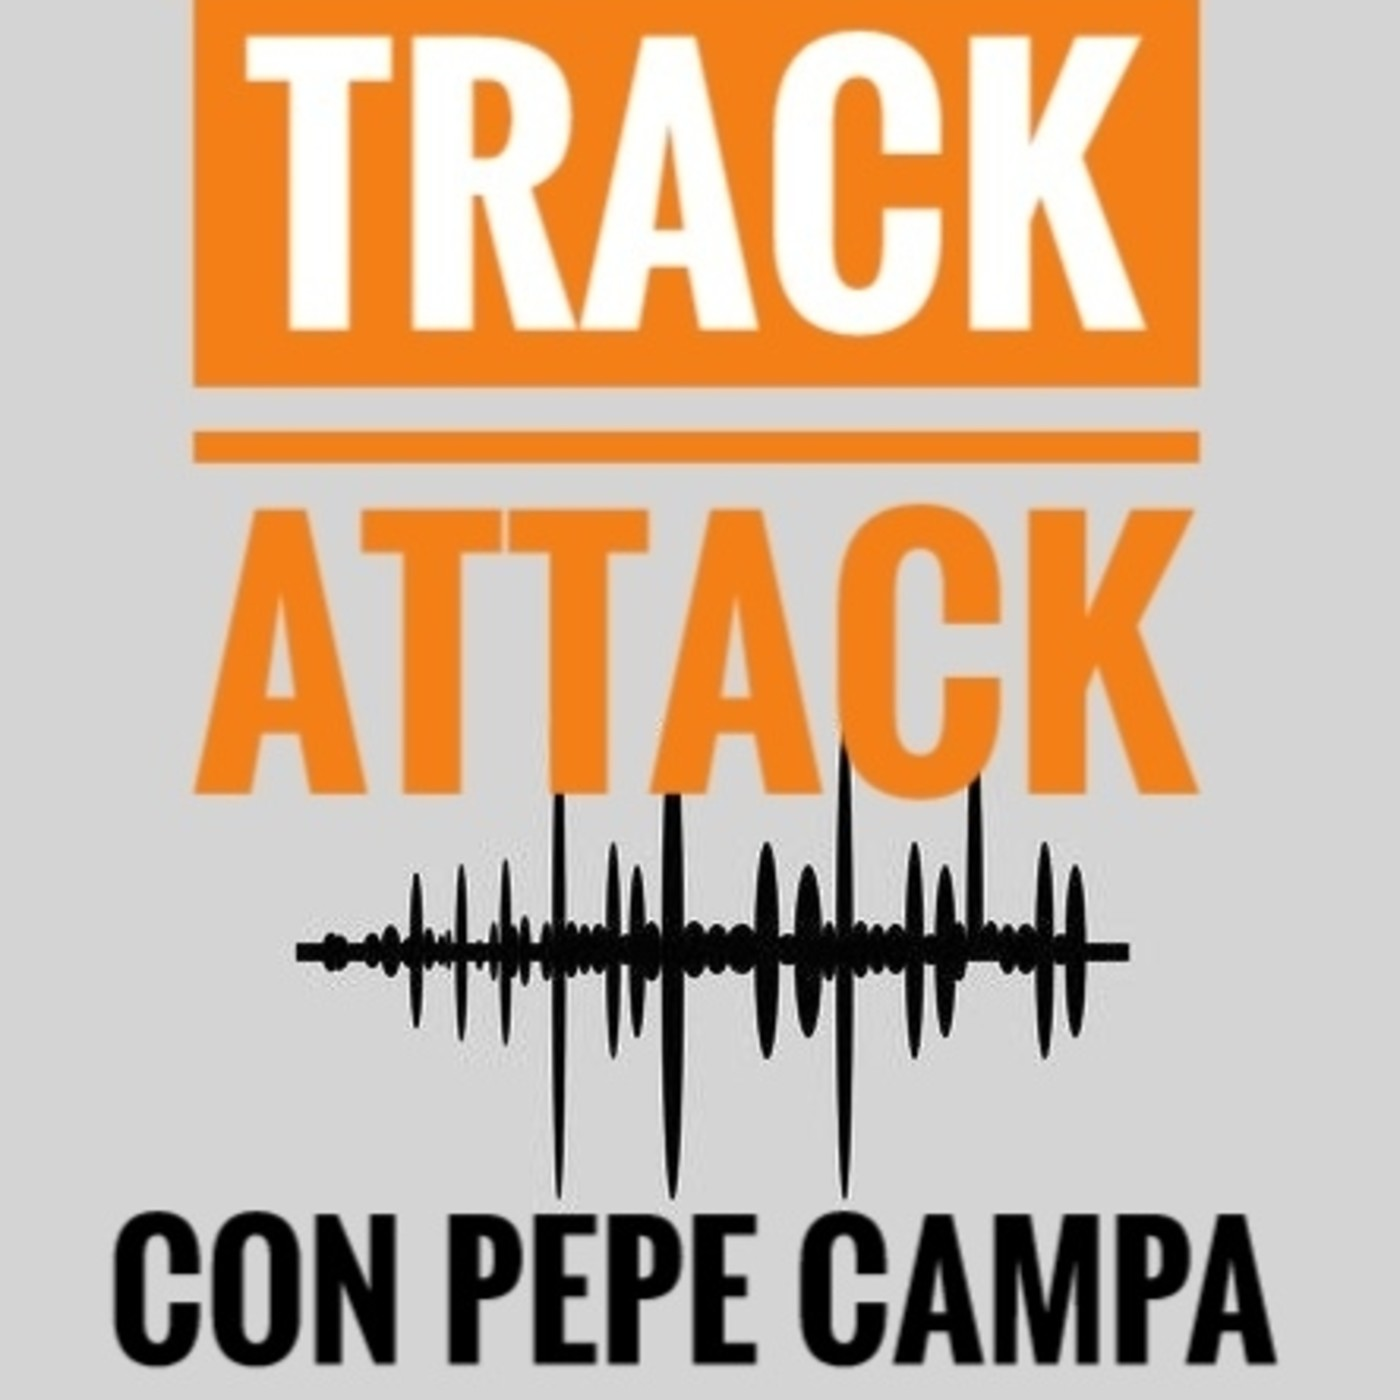 Track Attack con Pepe Campa